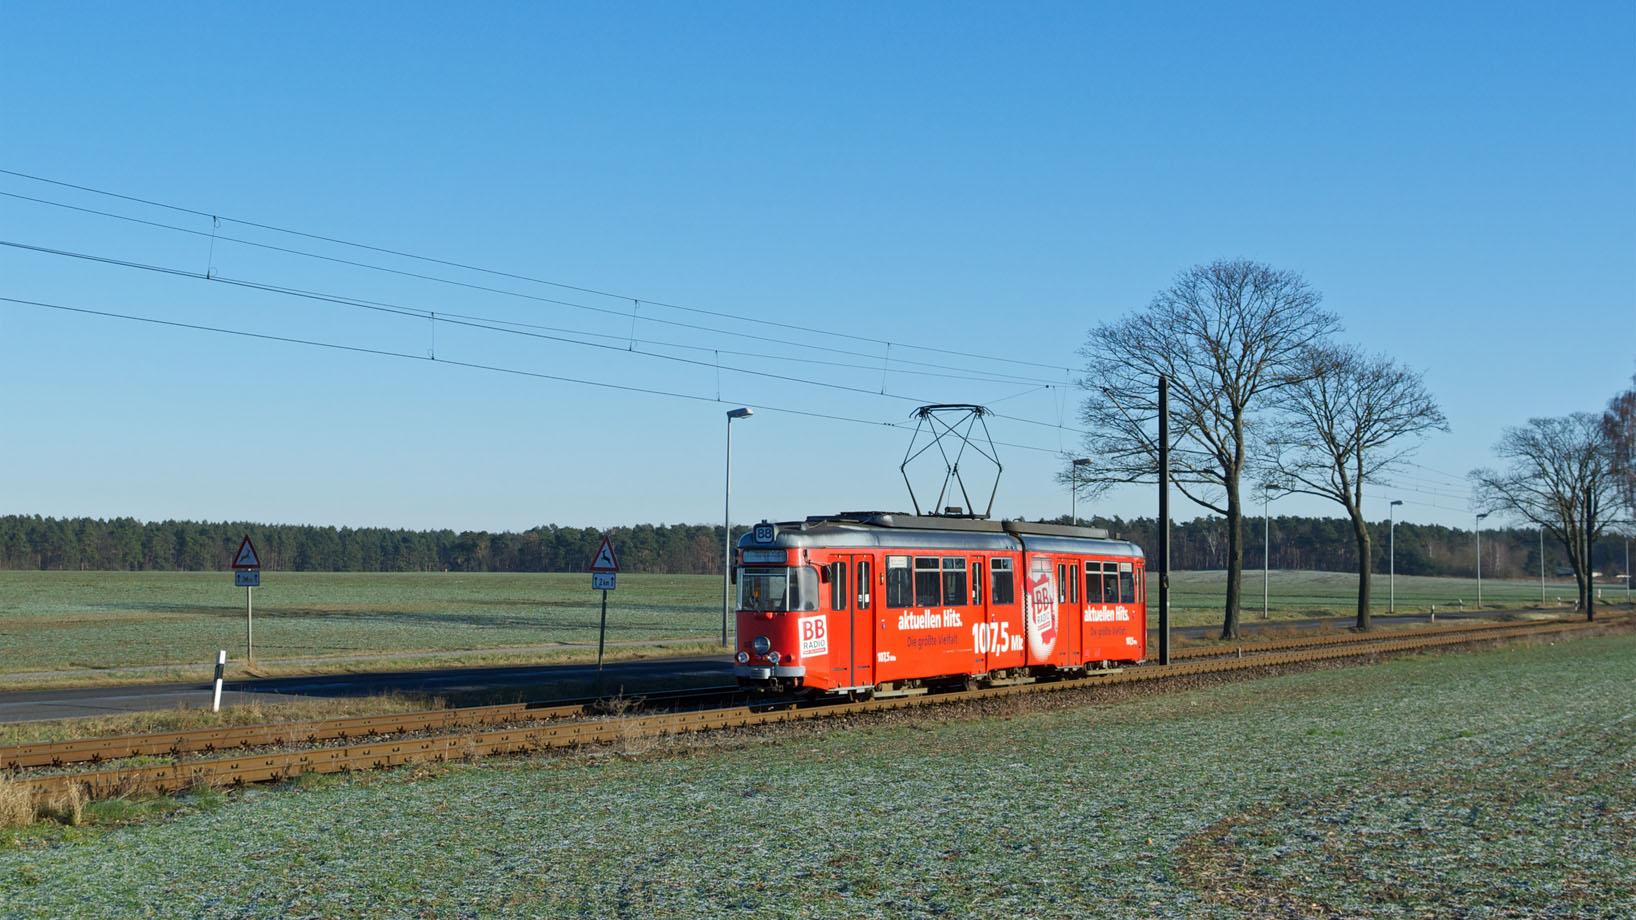 http://www.wortundgestalt-webservices.de/foren/dso/tram_88/_D789675.jpg